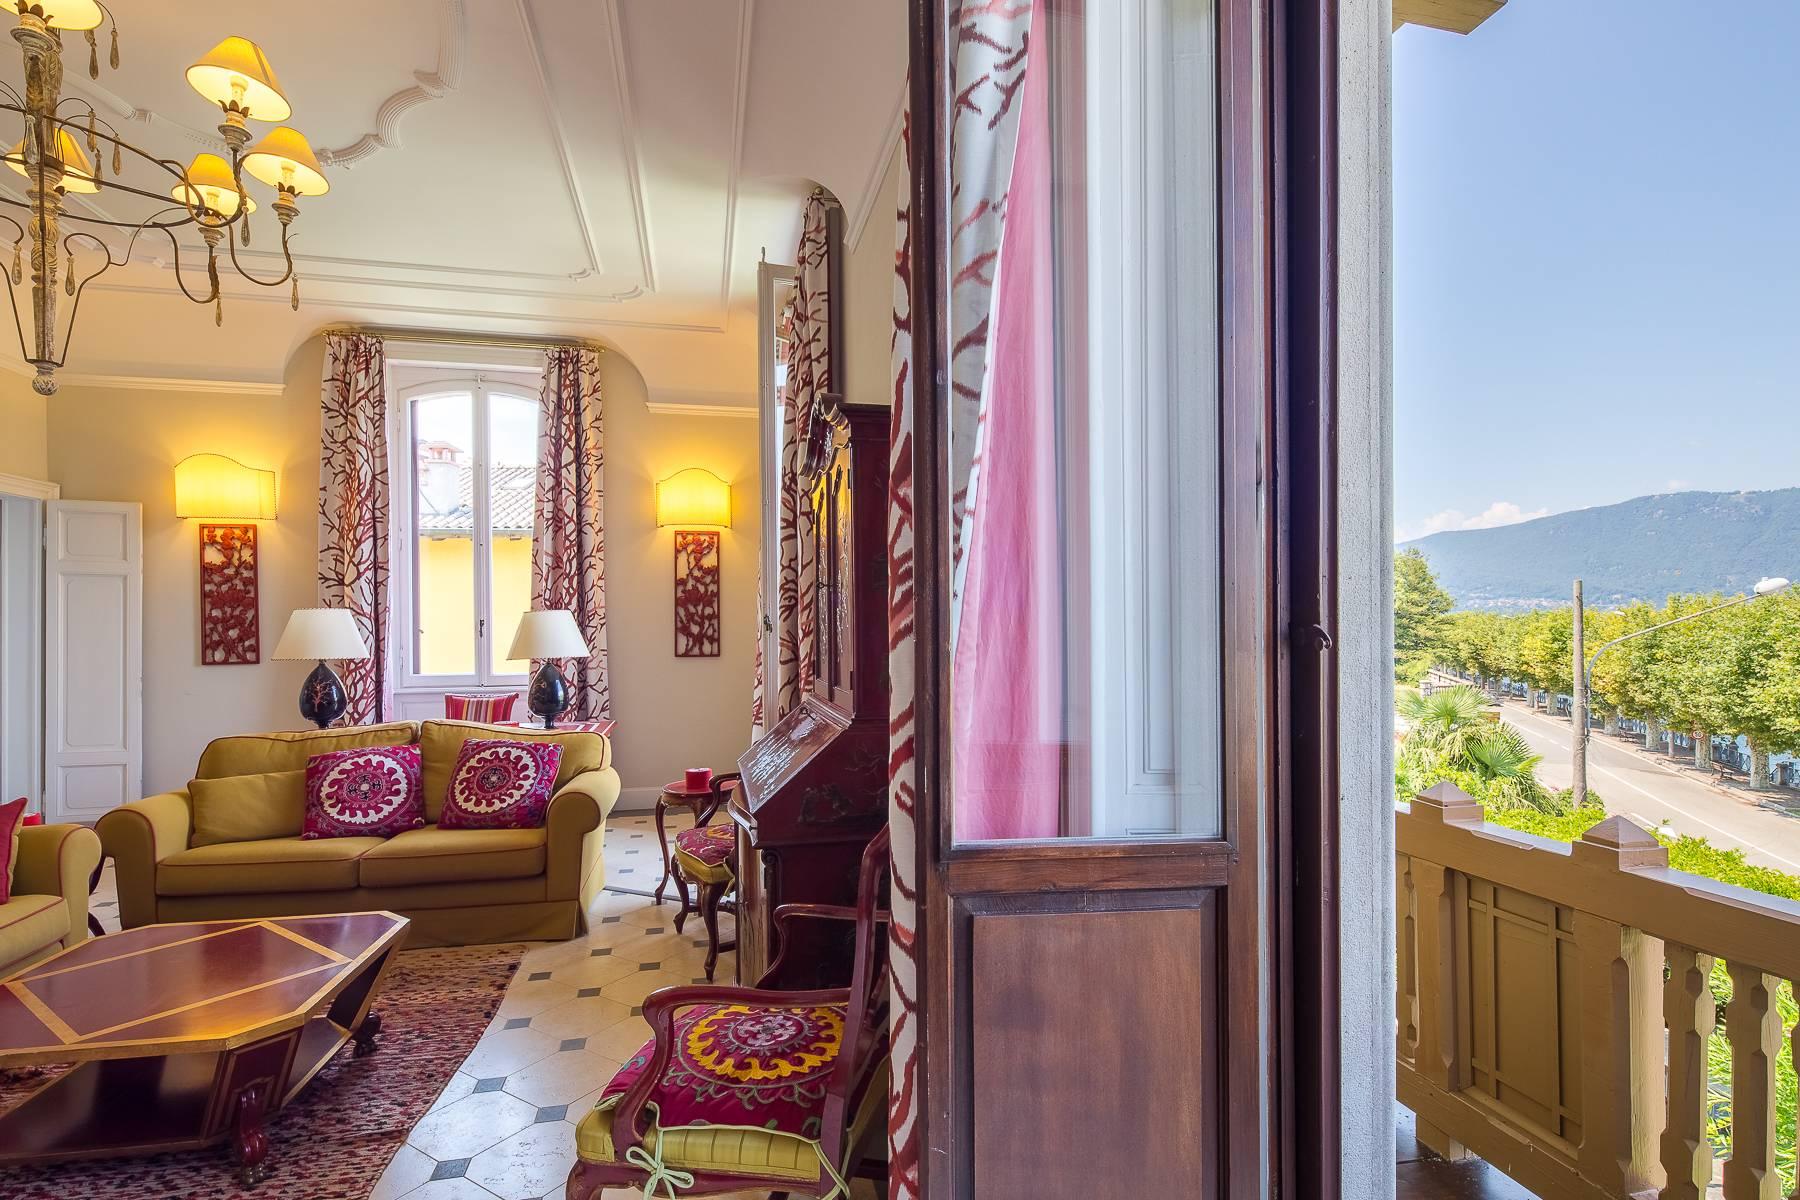 Villa in Affitto a Porto Valtravaglia via cesare battisti